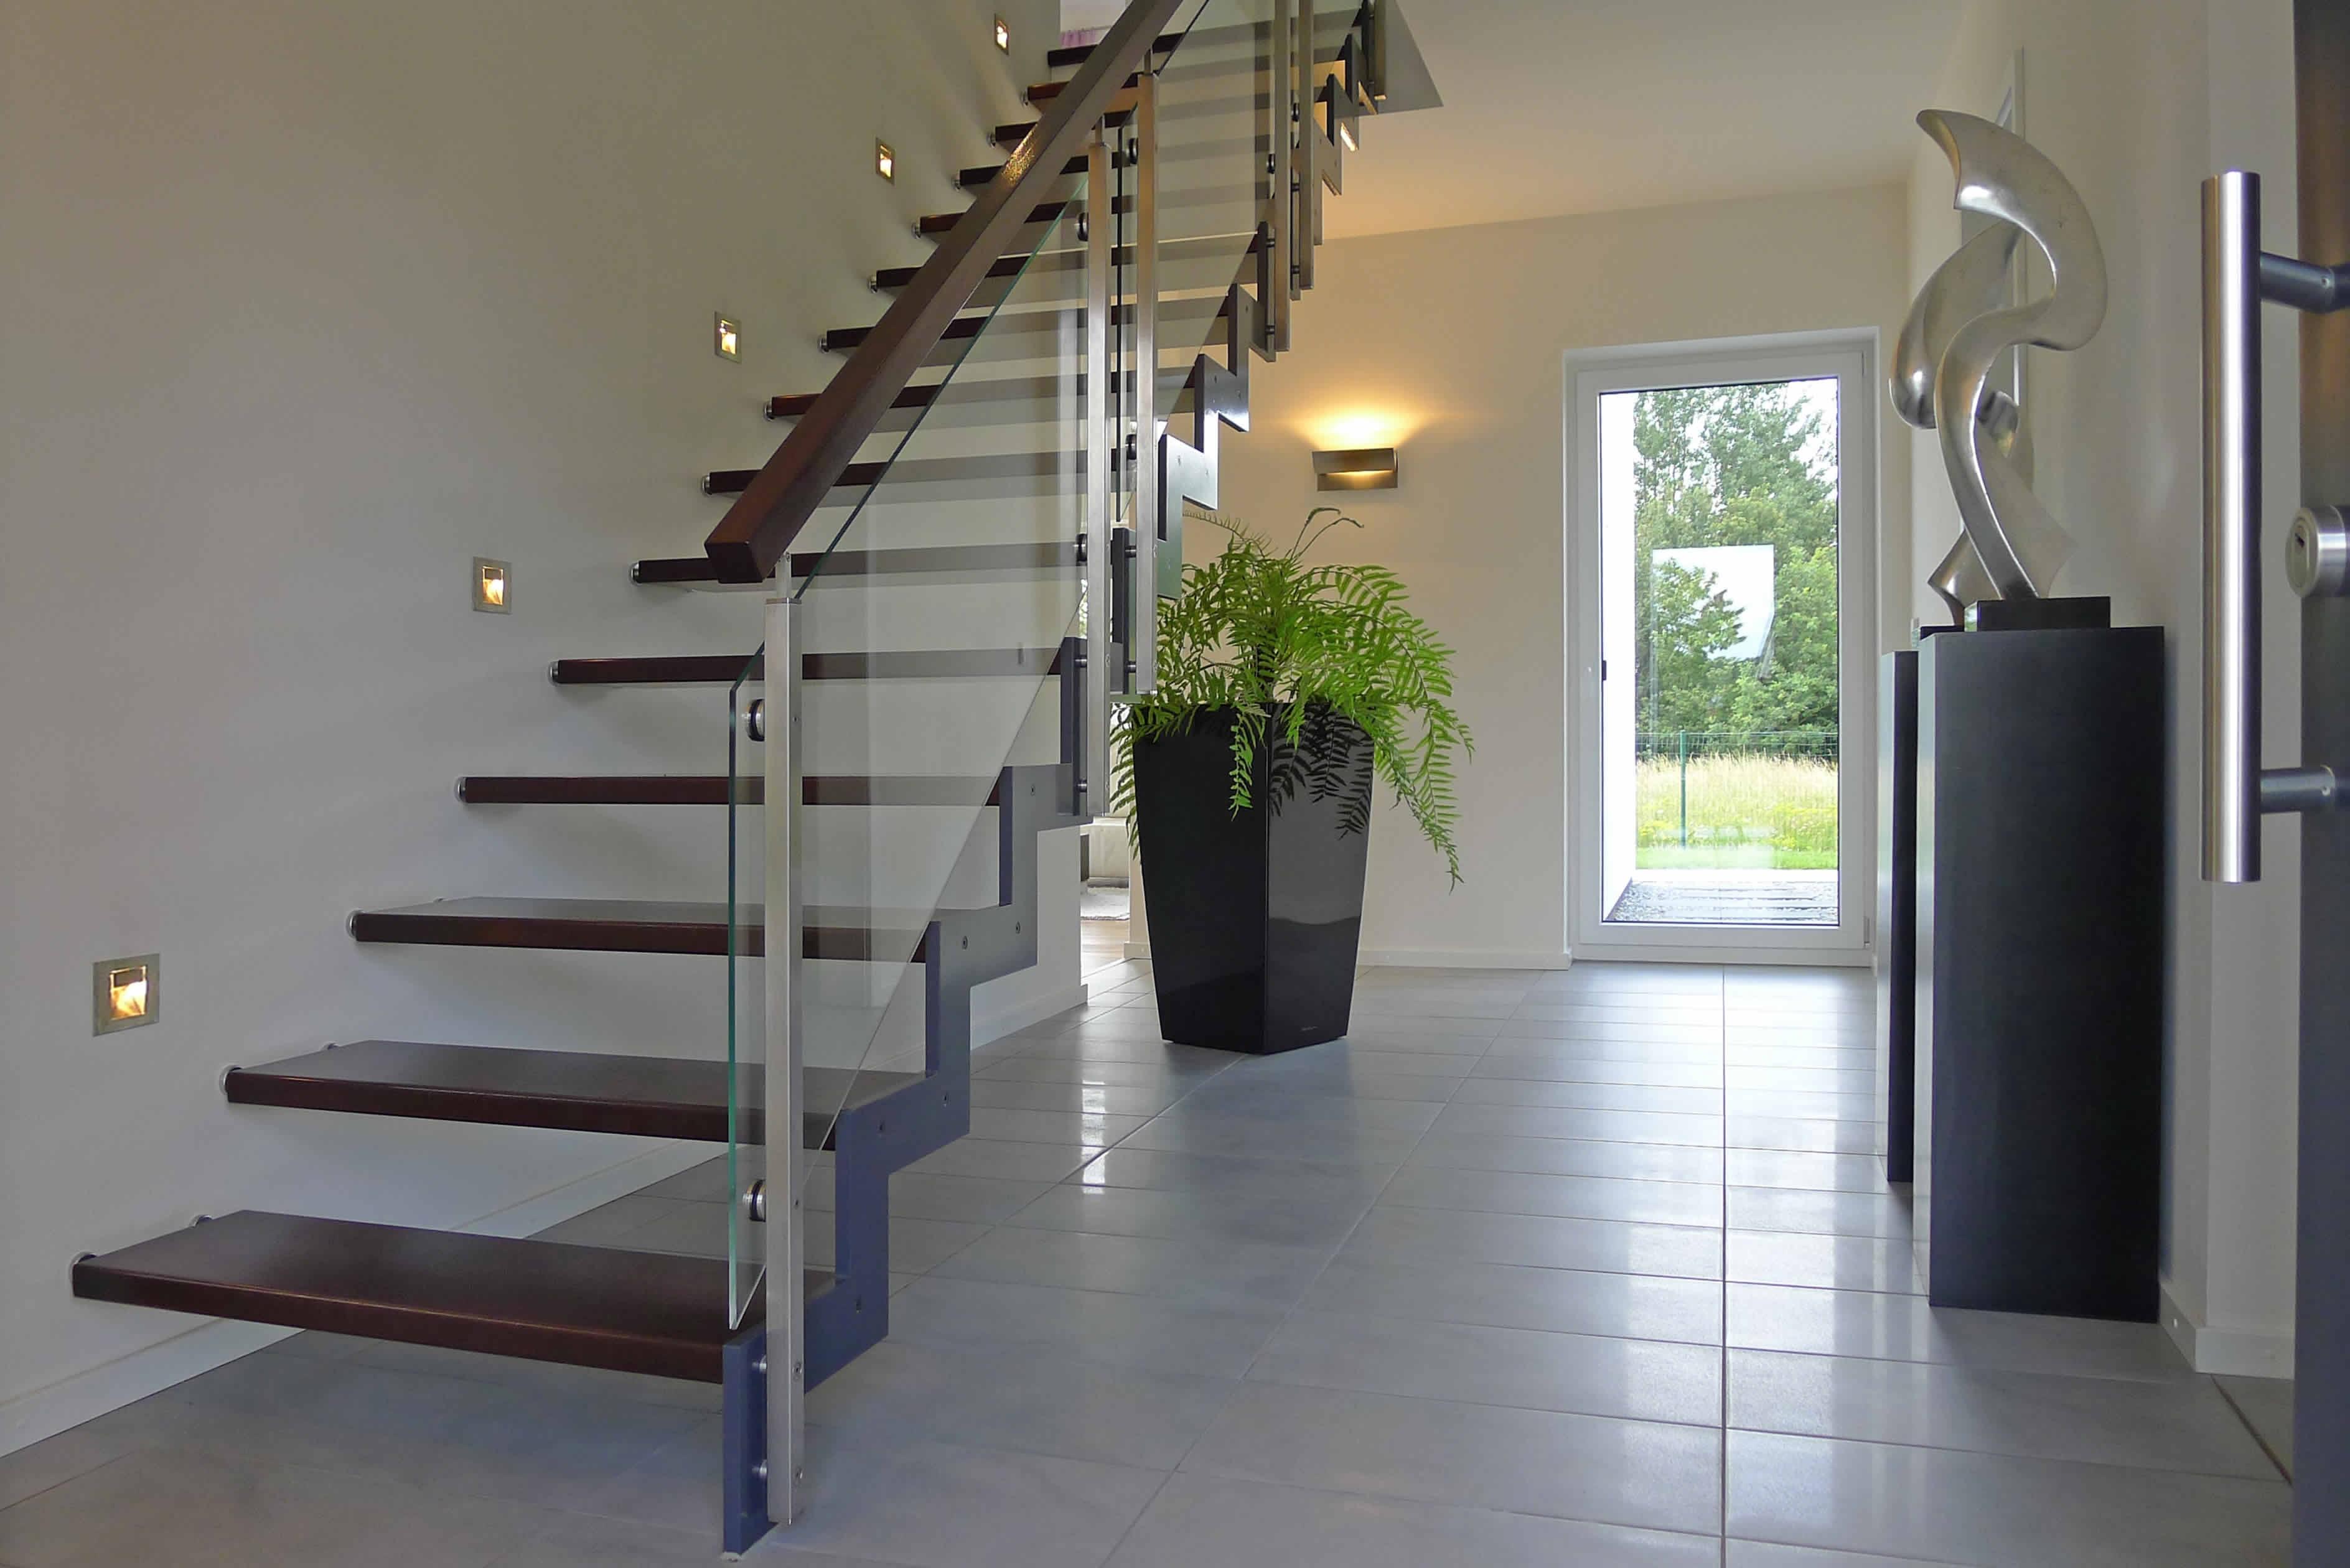 Лестница на второй этаж на металлическом каркасе со стеклянными перилами